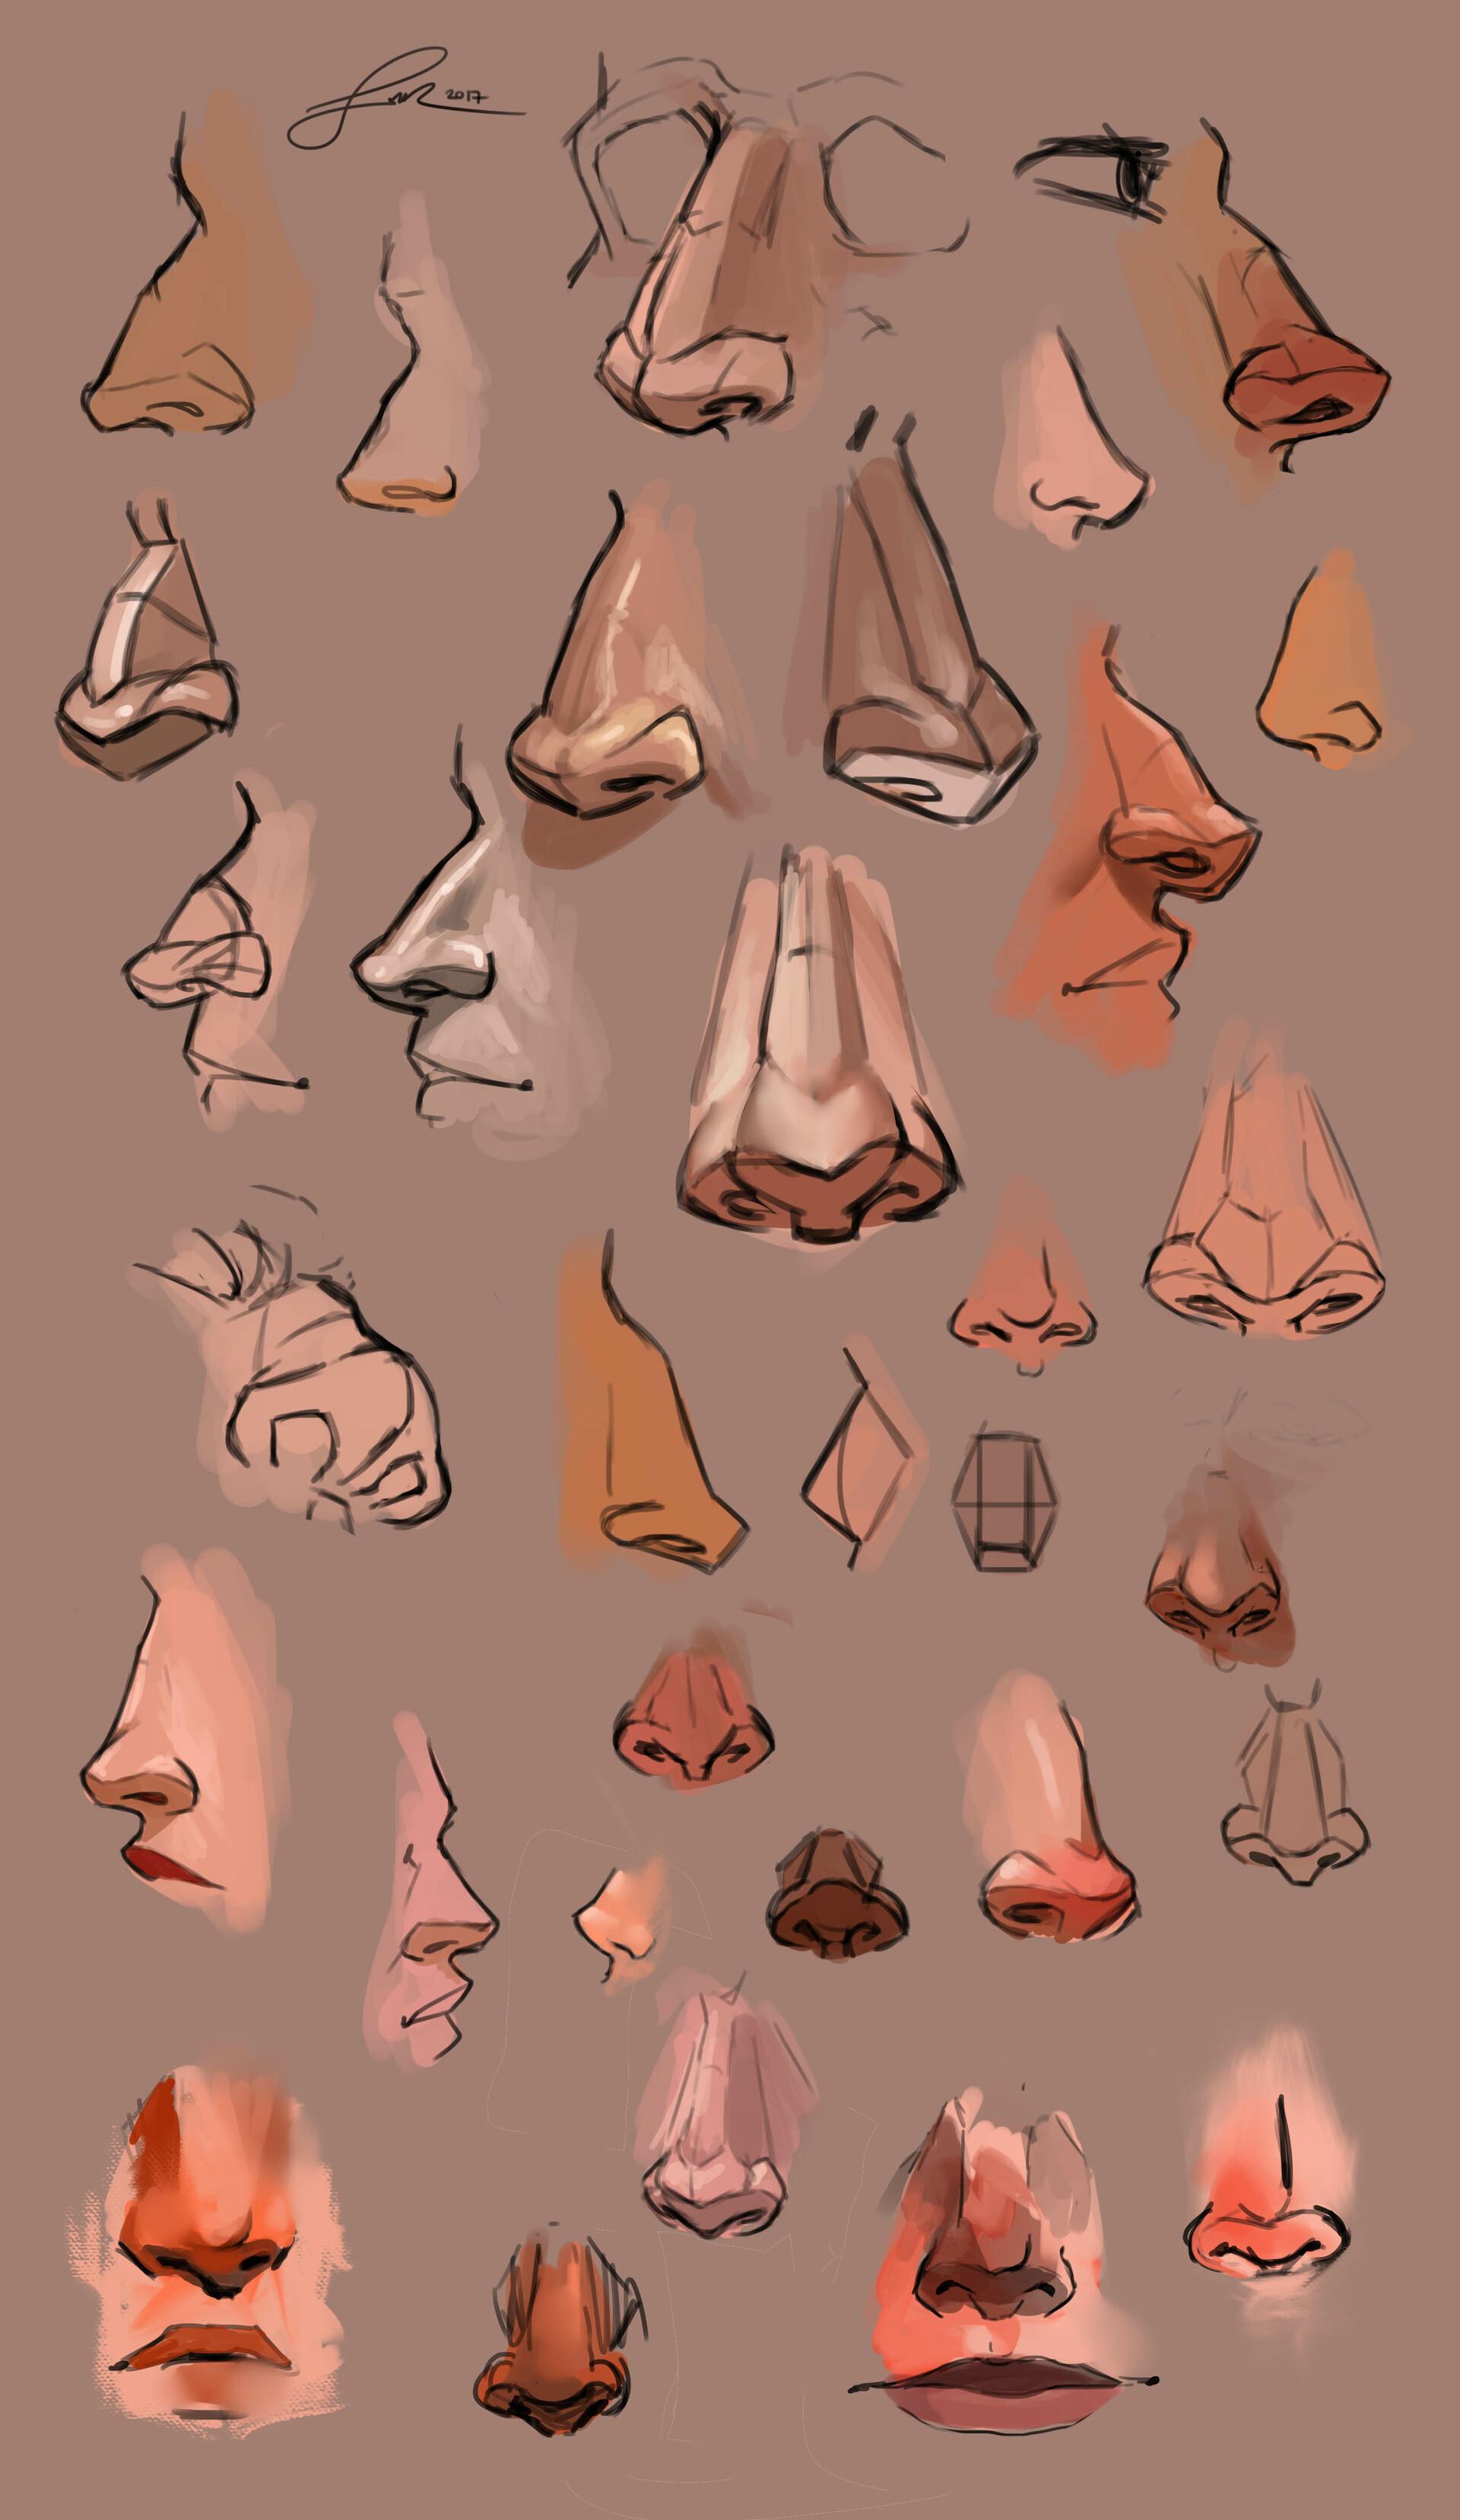 Shellz art study noses